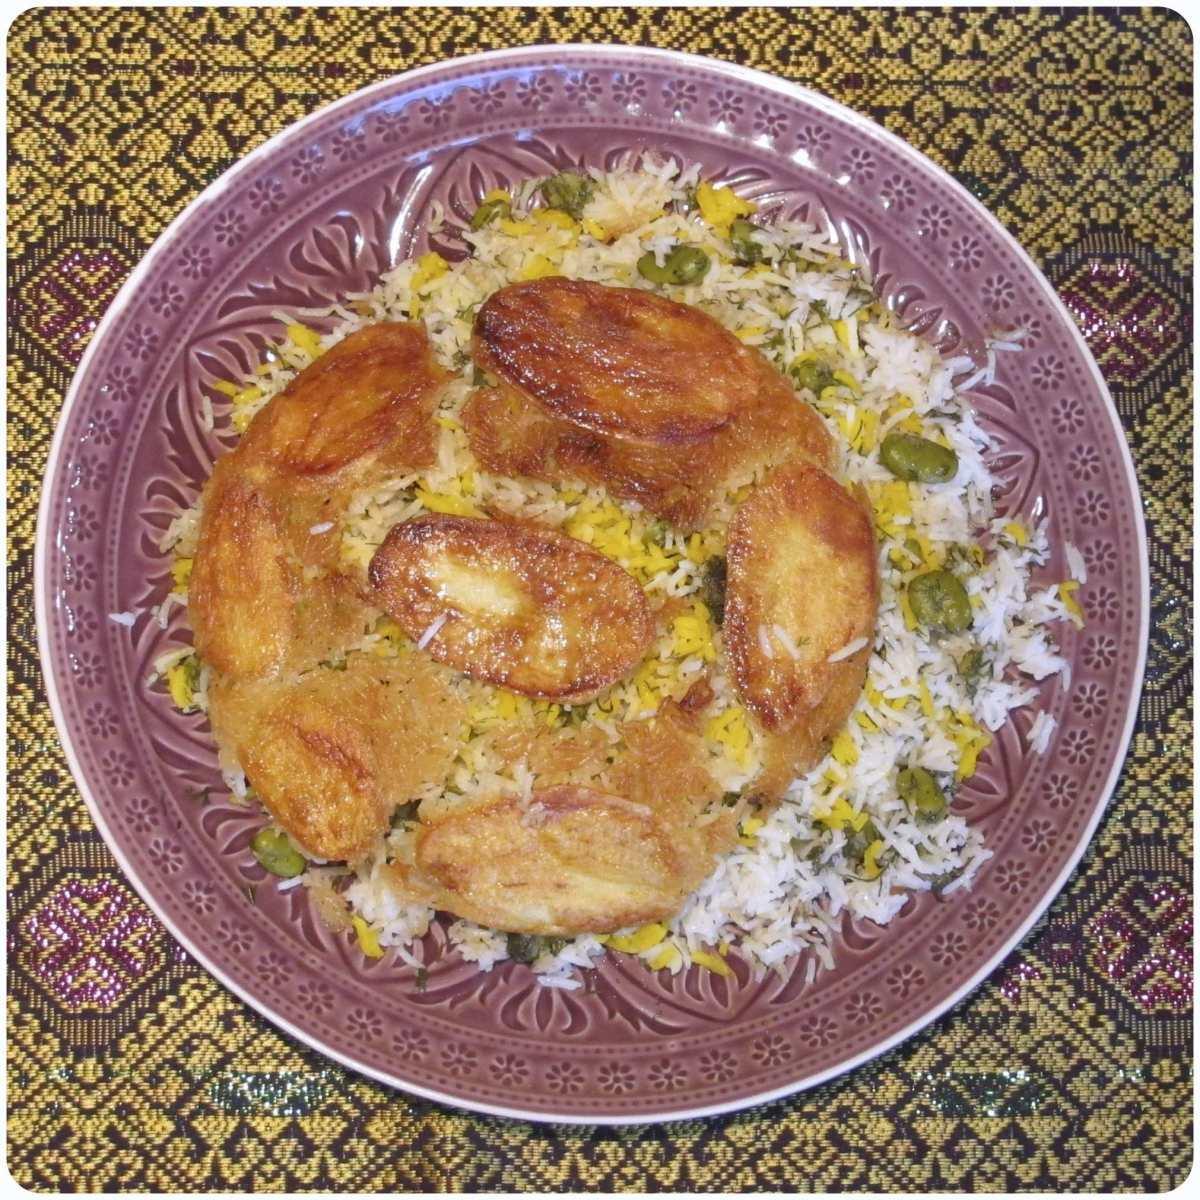 persischer Saubohnenreis (Baghali polo) - باقالی پلو